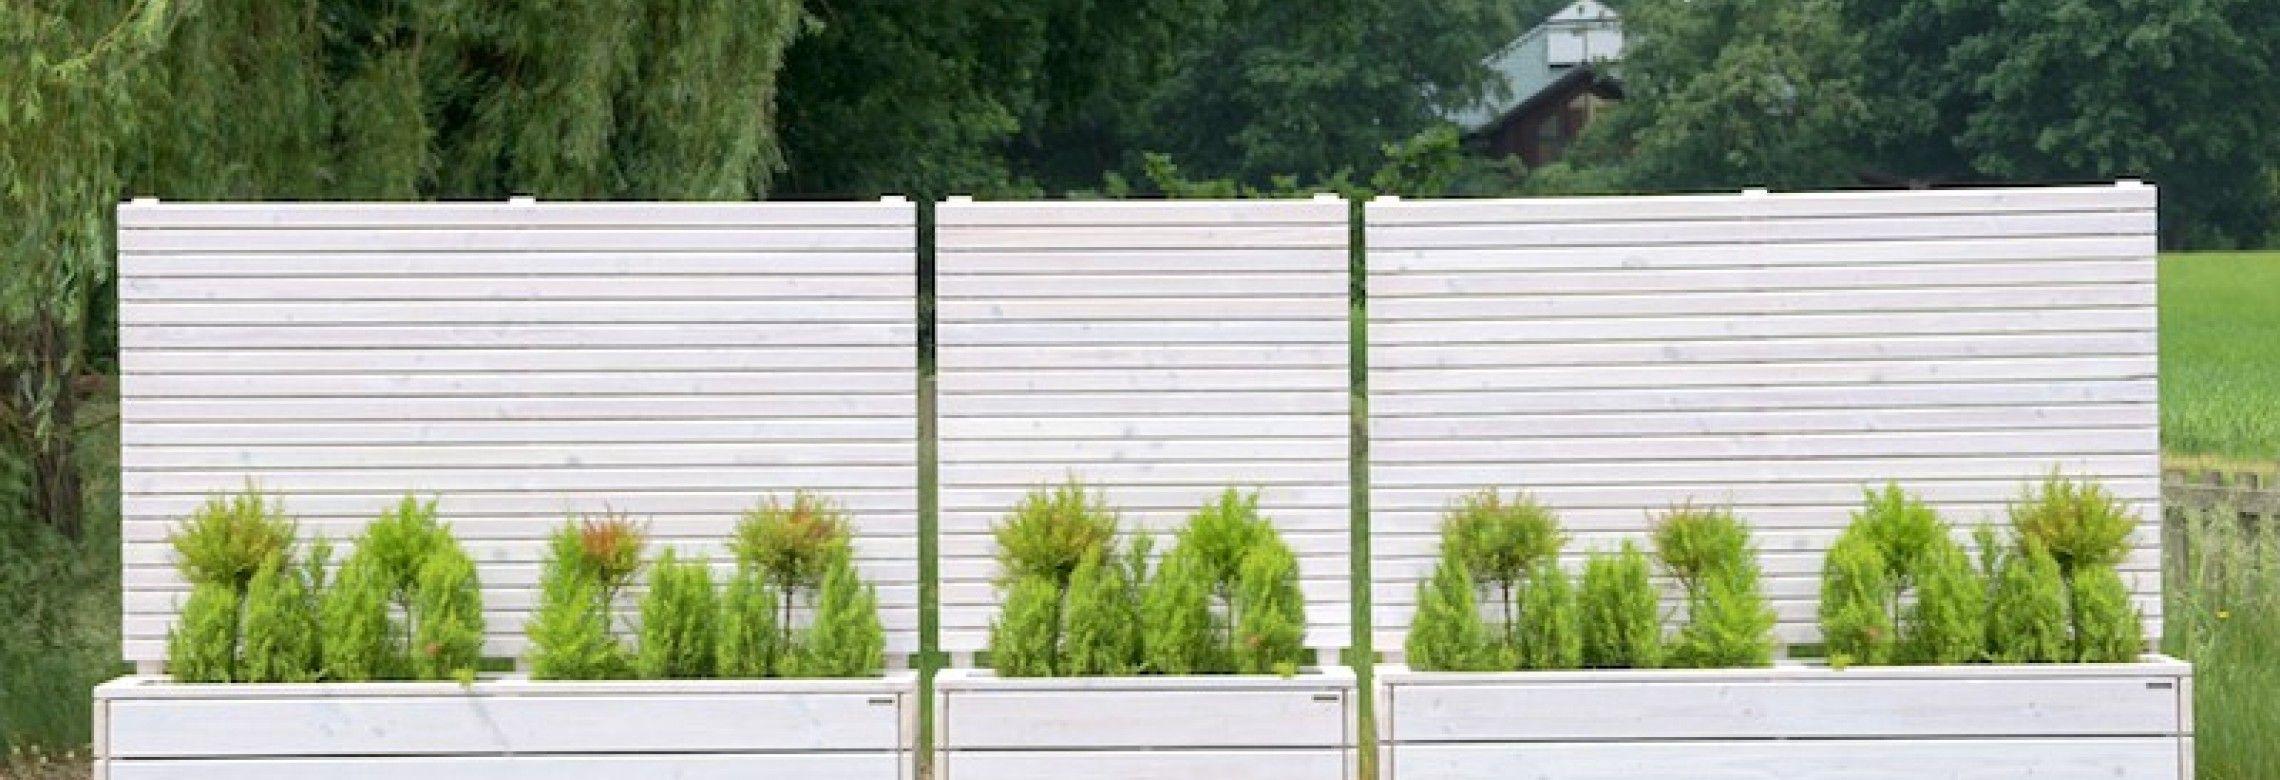 Sichtschutz Pflanzkasten Pflanzkasten Holz Haus Und Garten